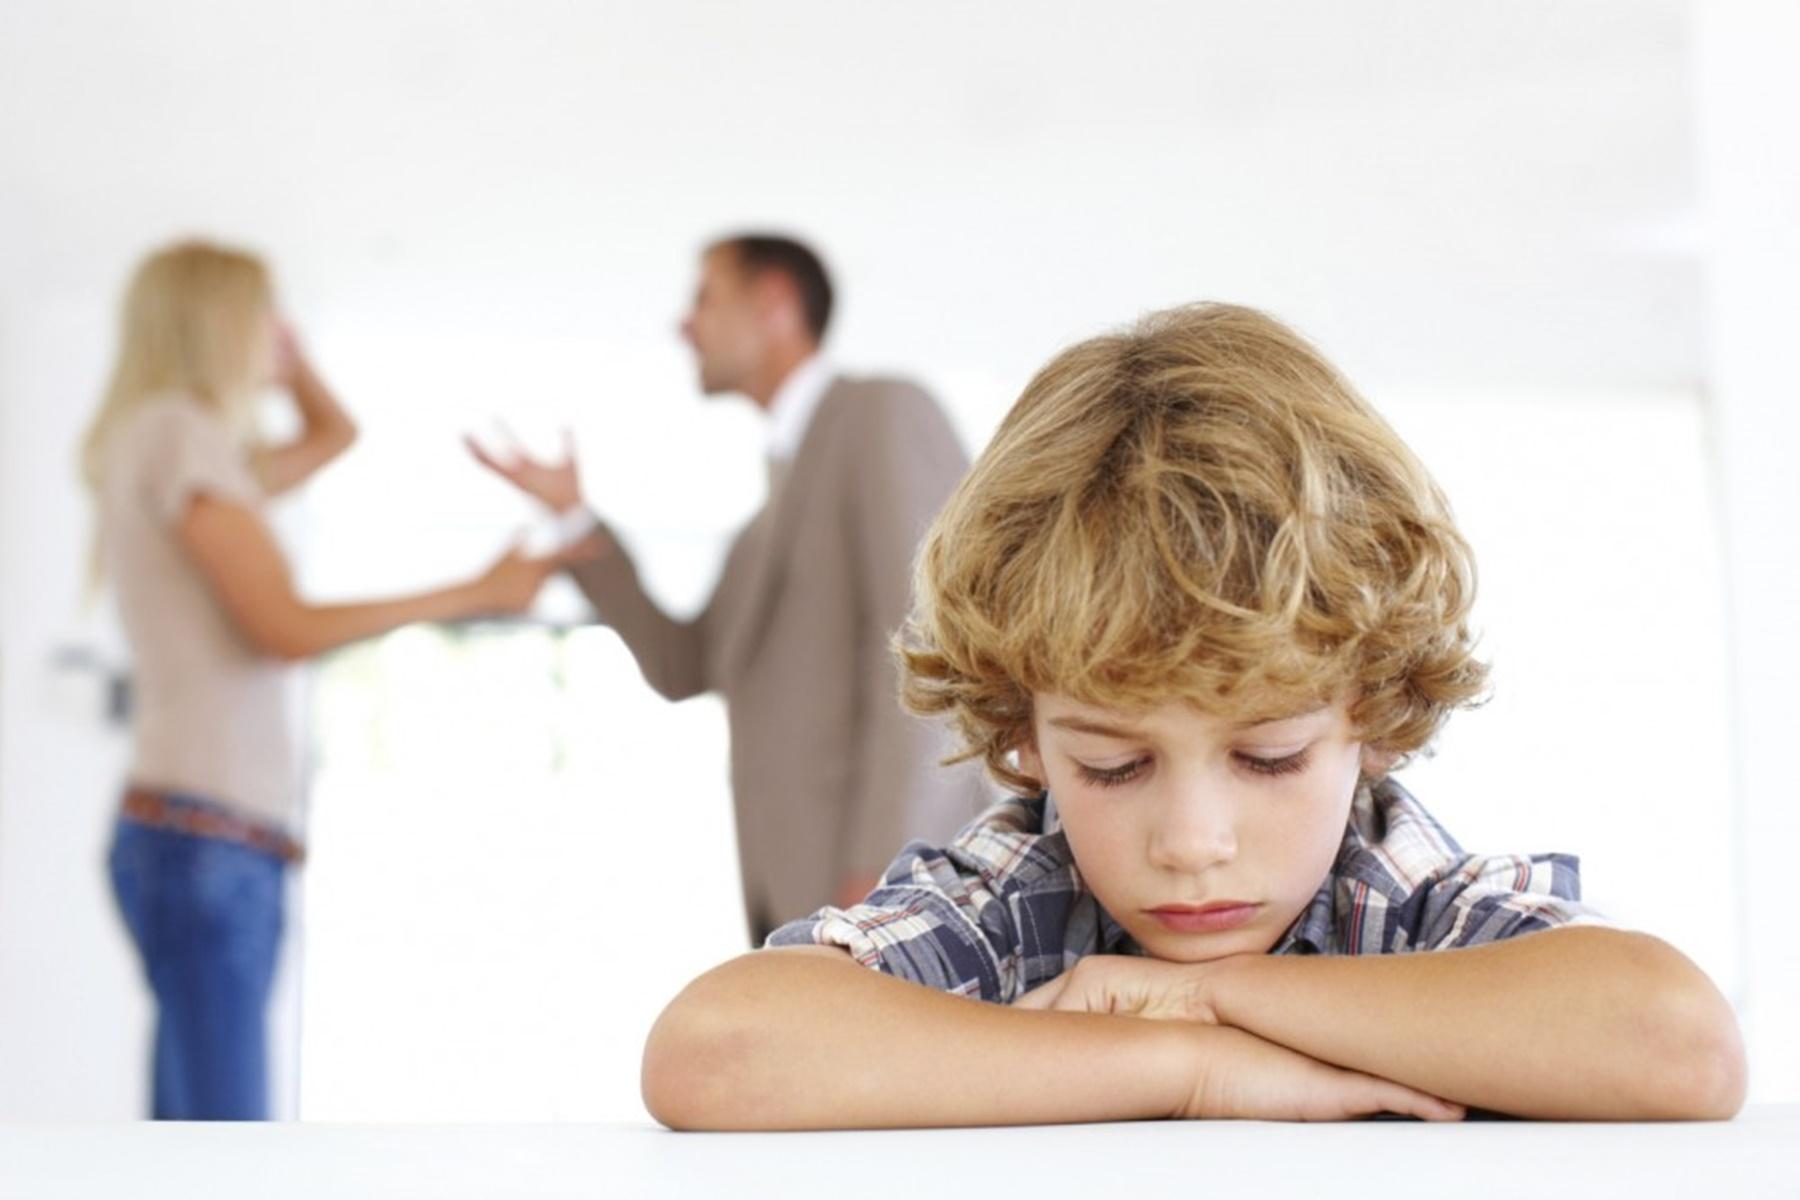 Συναισθηματική αστάθεια : Αυτές τις παθήσεις προκαλεί στον οργανισμό